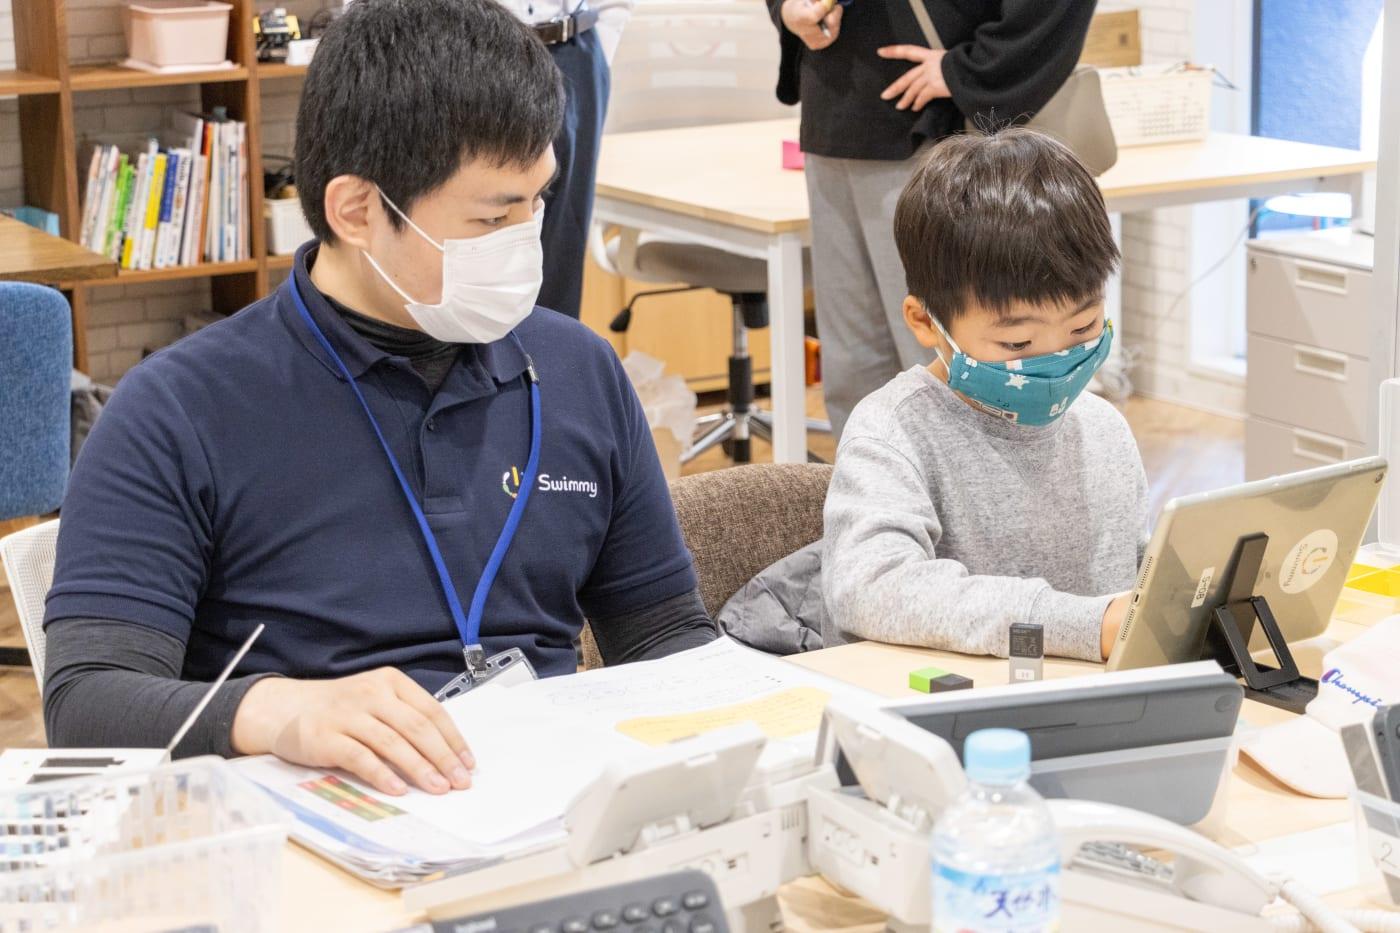 プログラミングスクール 小学生 高田馬場